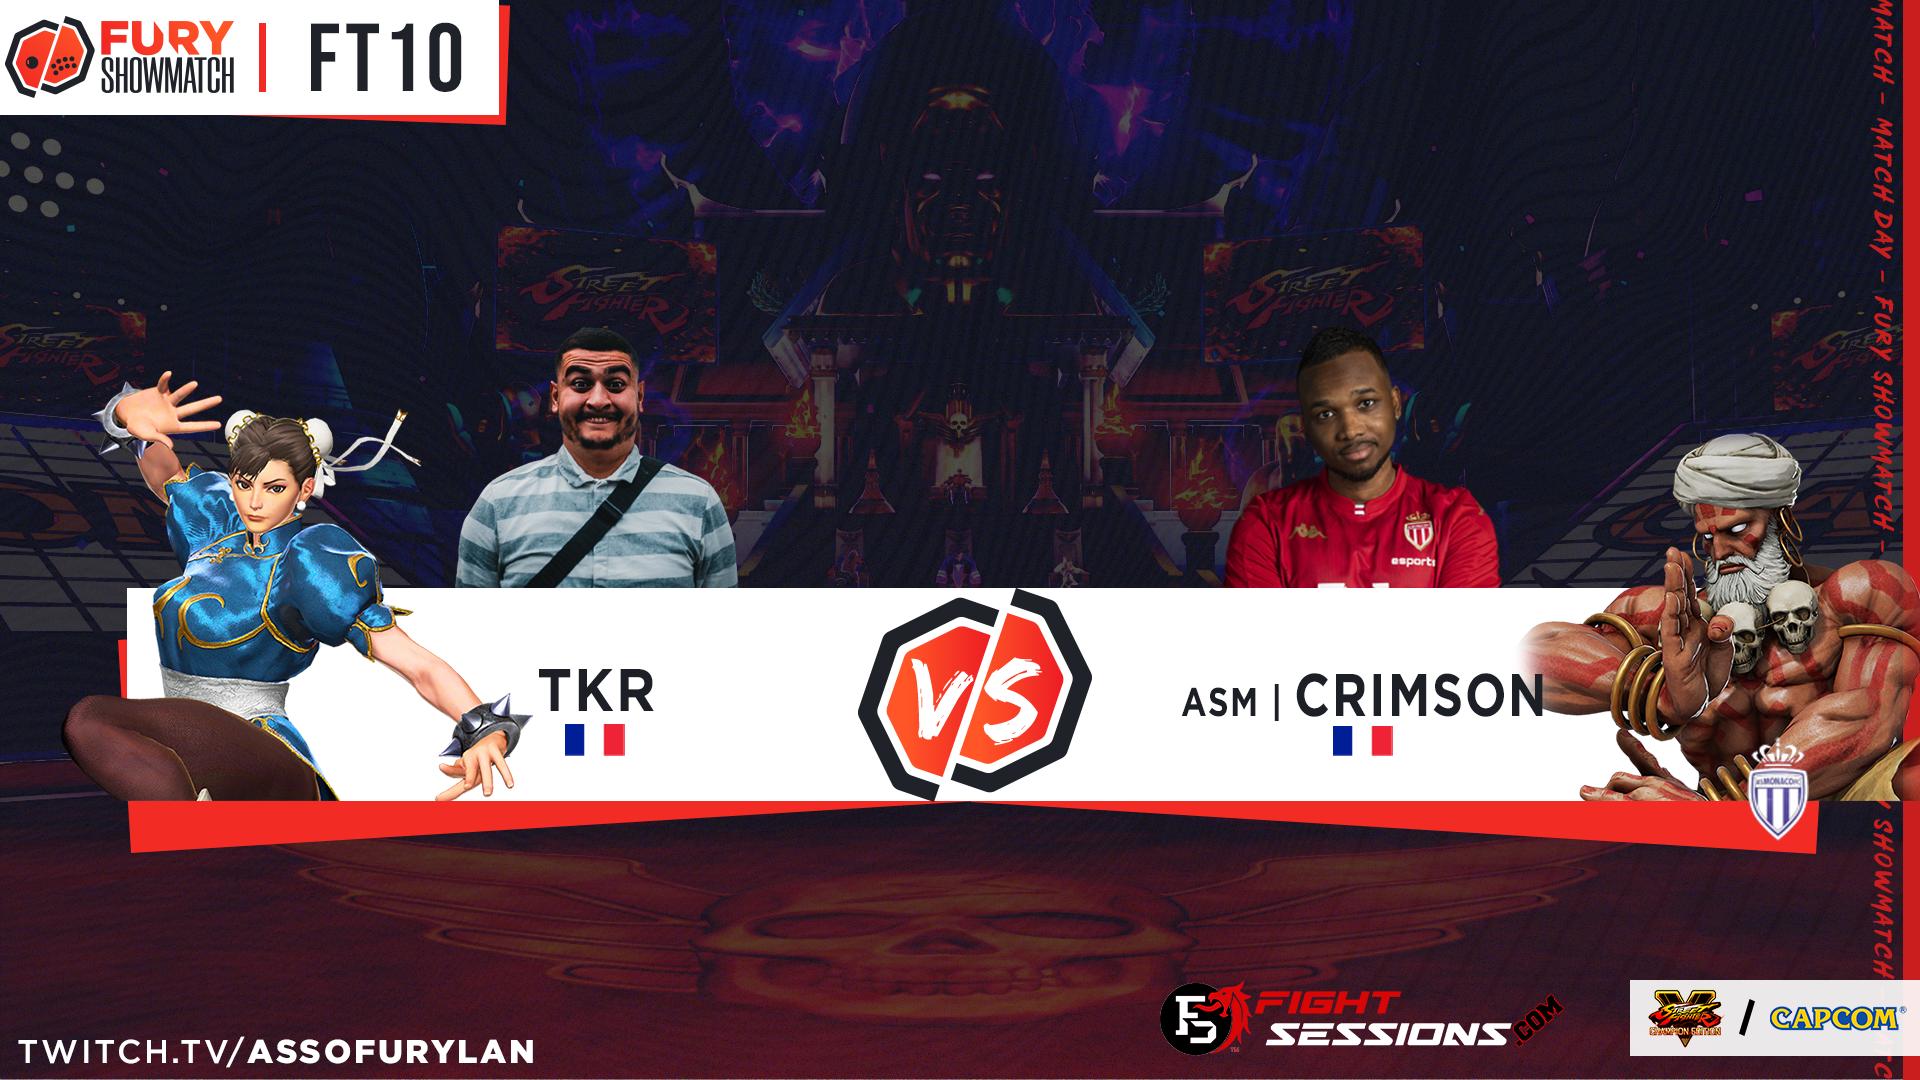 FT10 - TKR vs Crimson